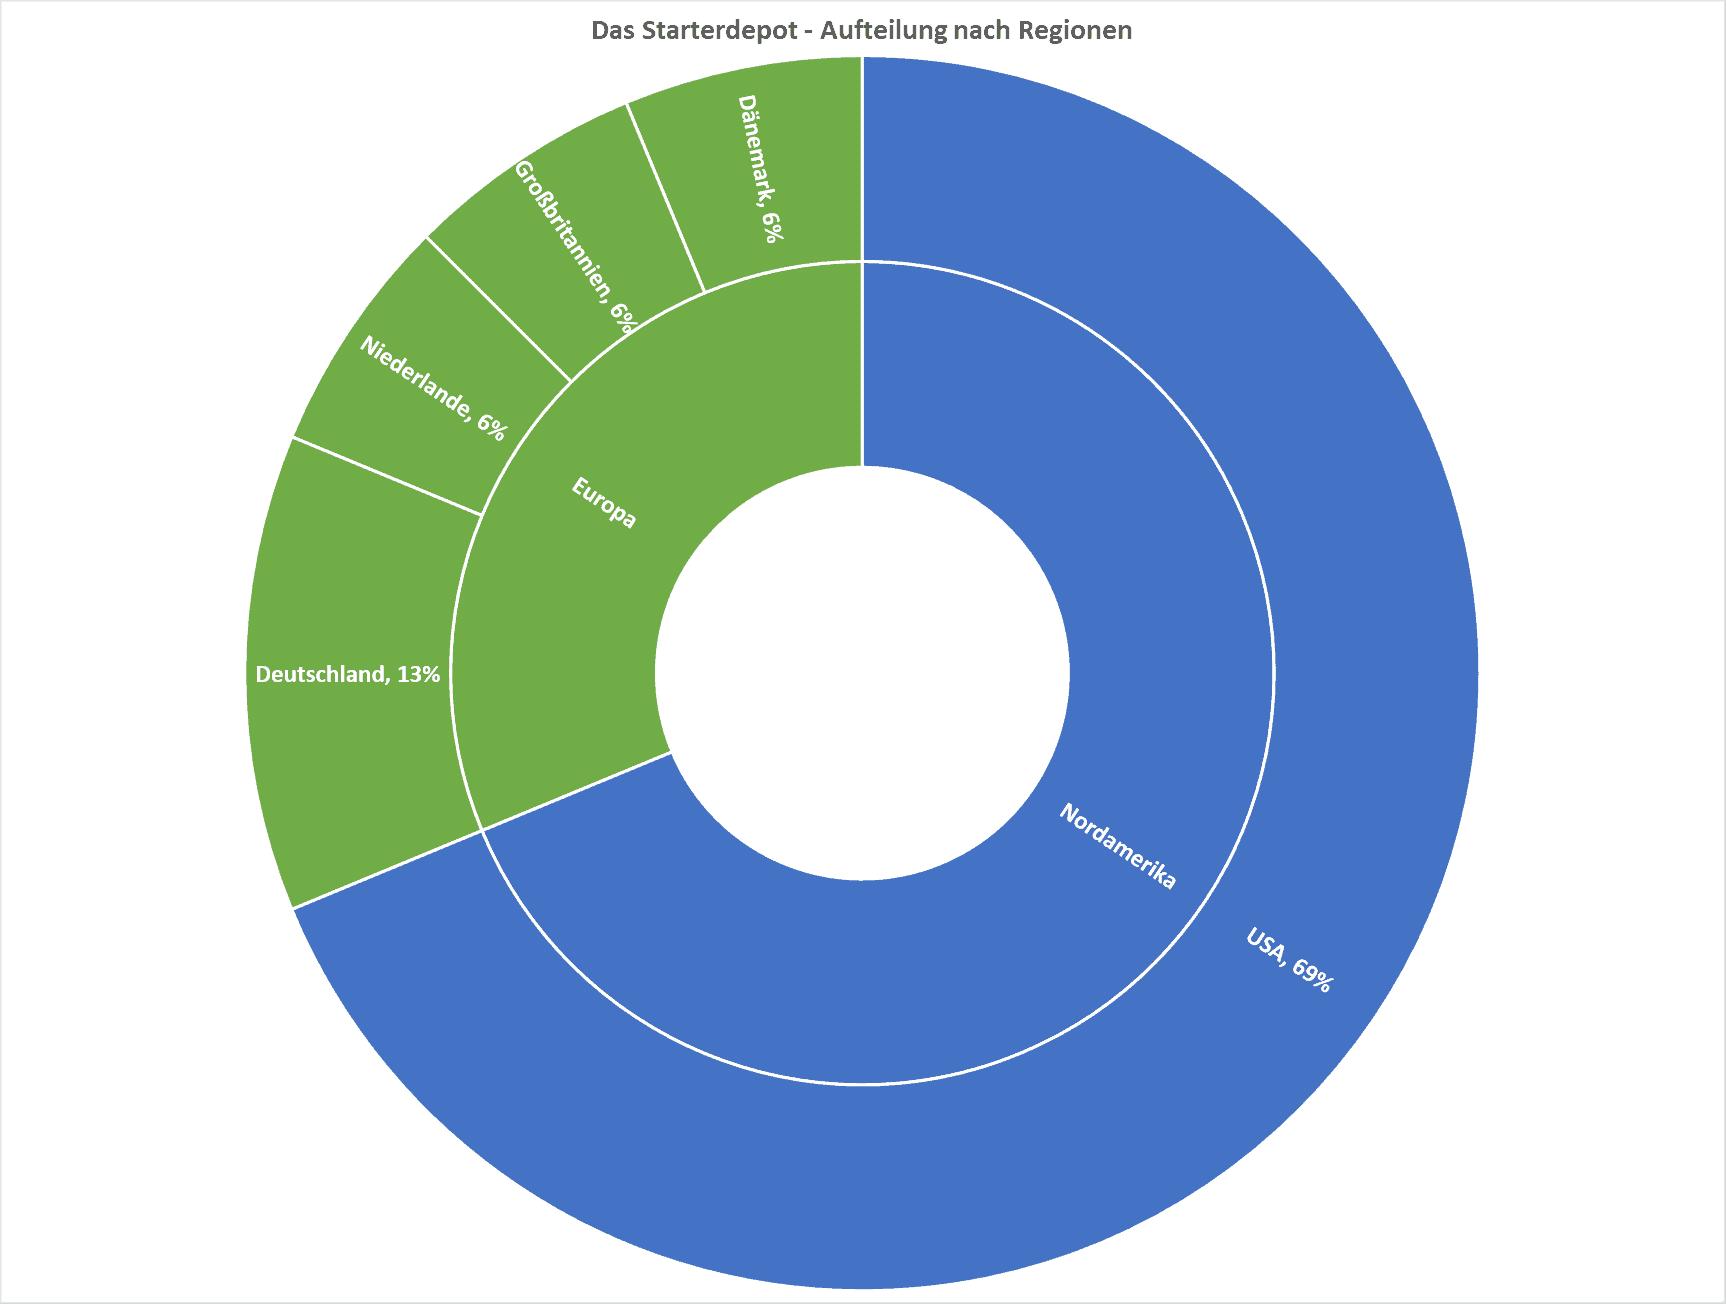 Starterdepot nach Ländern 2019-09-05